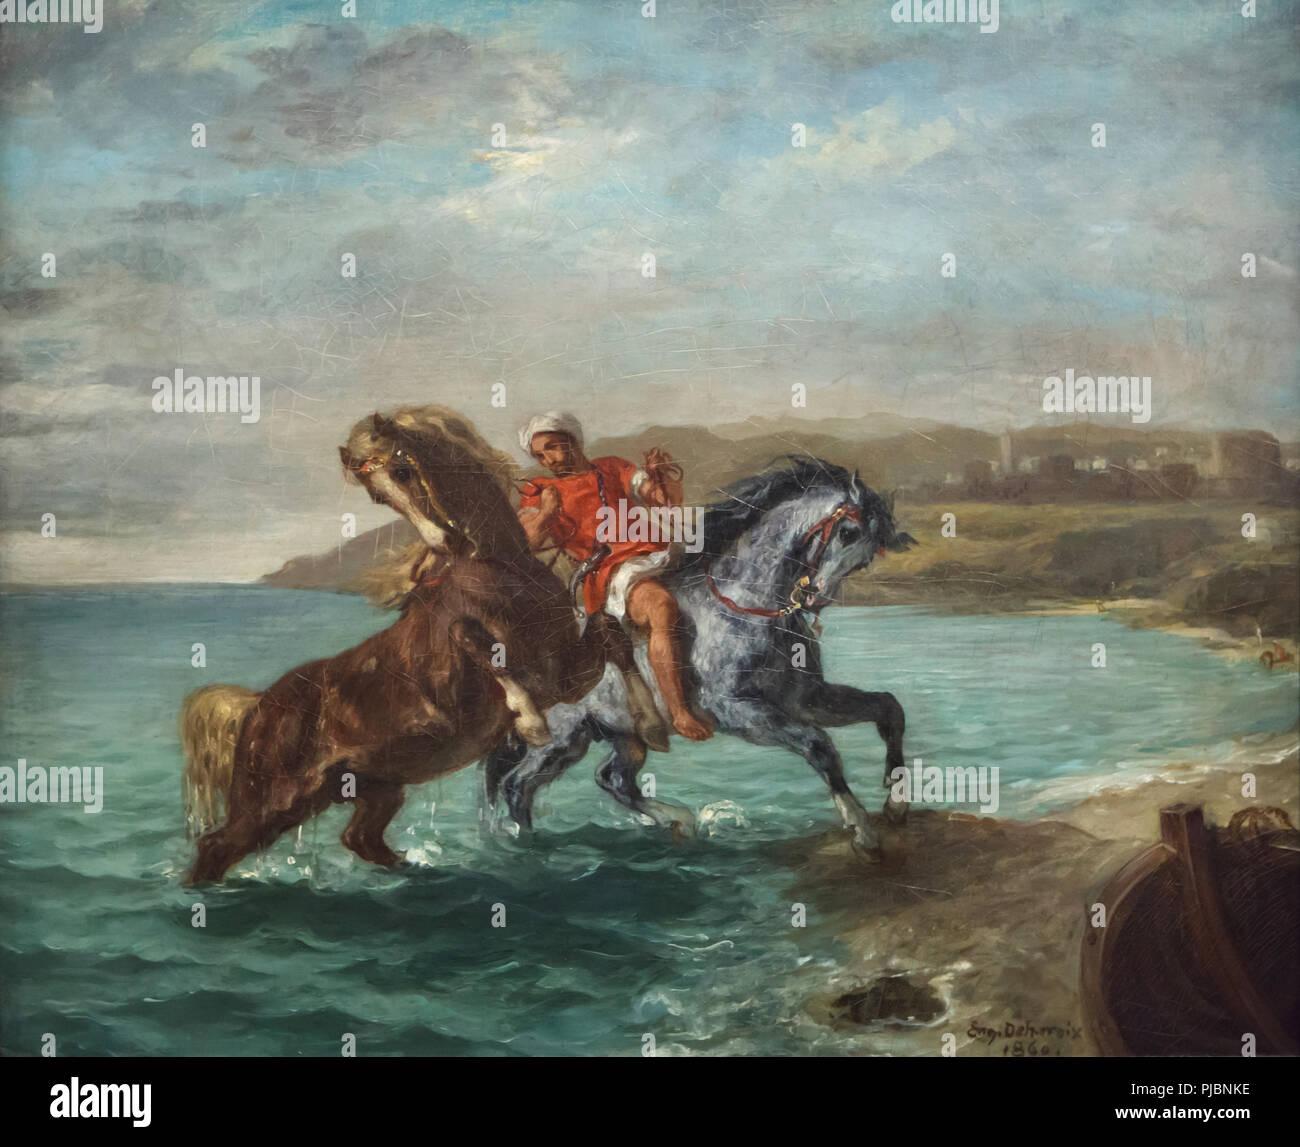 """Malerei"""" Pferde aus dem Meer"""" (1858-1860) von französischen romantischen Maler Eugène Delacroix auf Anzeige an seine retrospektive Ausstellung im Louvre in Paris, Frankreich. Die Ausstellung, die Meisterwerke der Führer der französischen Romantik läuft bis 23. Juli 2018. Stockbild"""